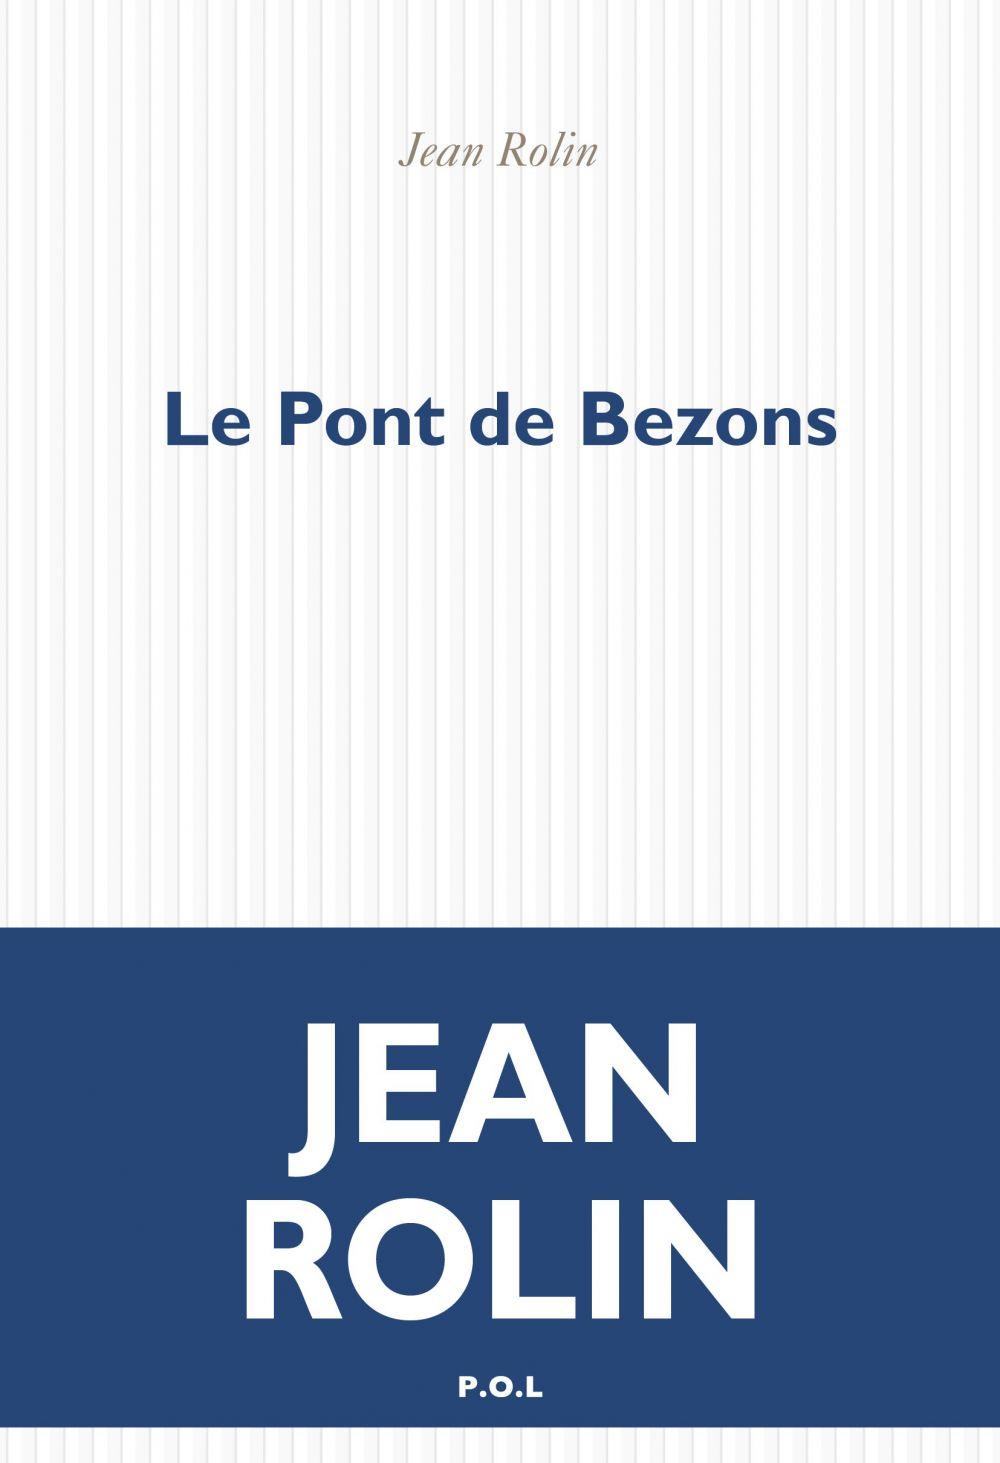 Le Pont de Bezons |